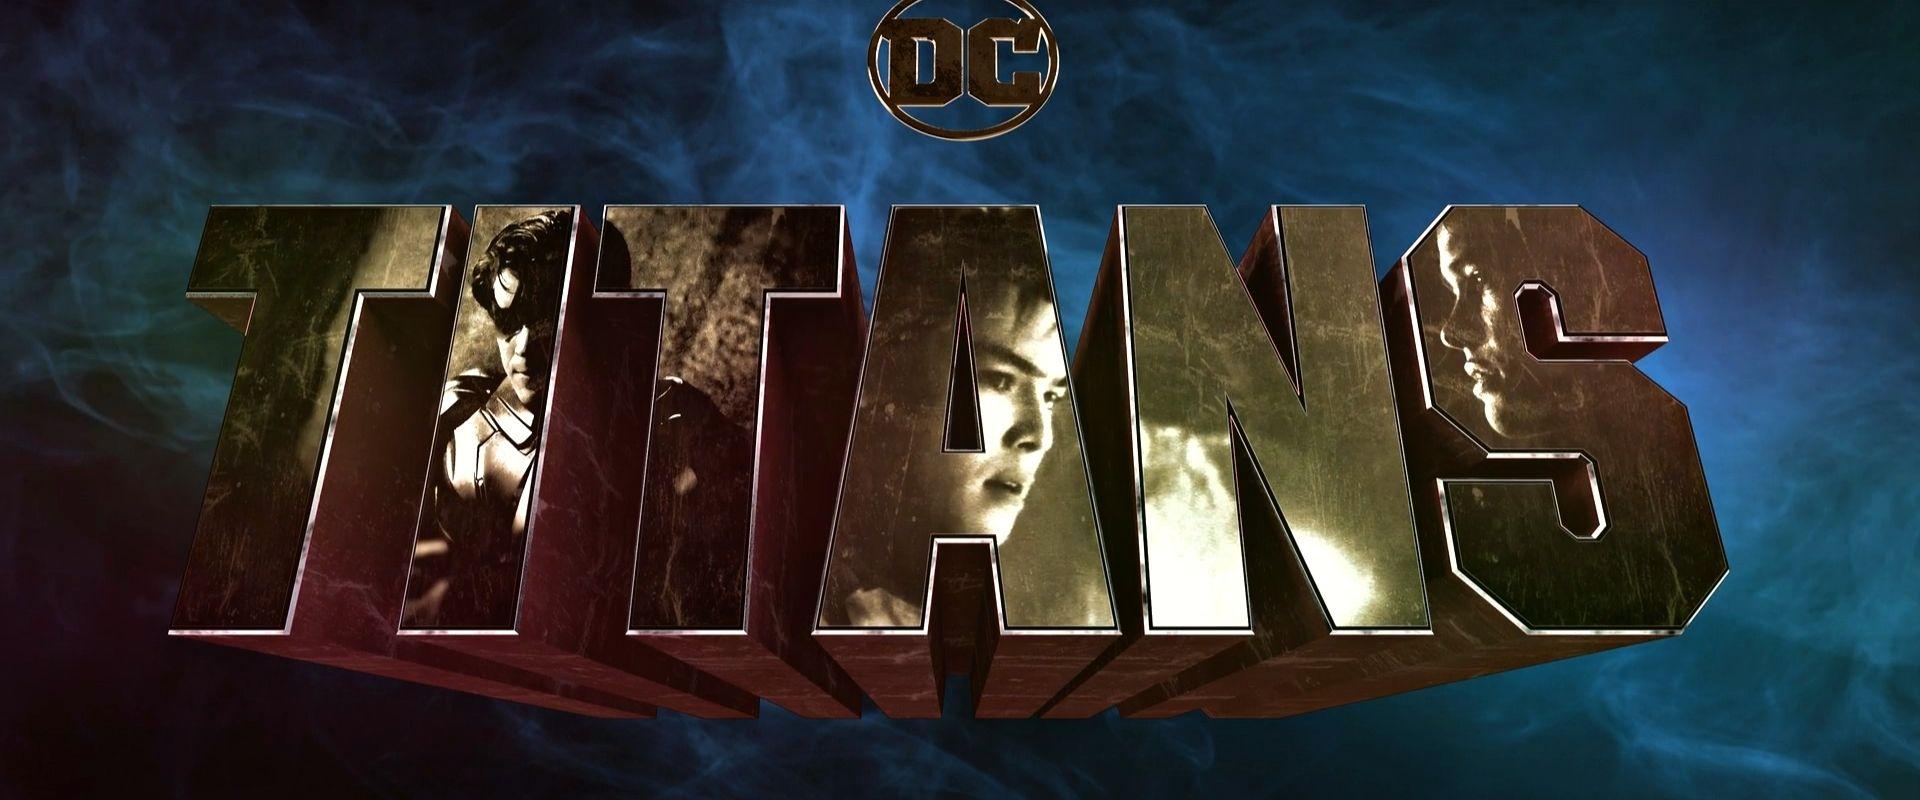 Titans Season 3 Episode 9